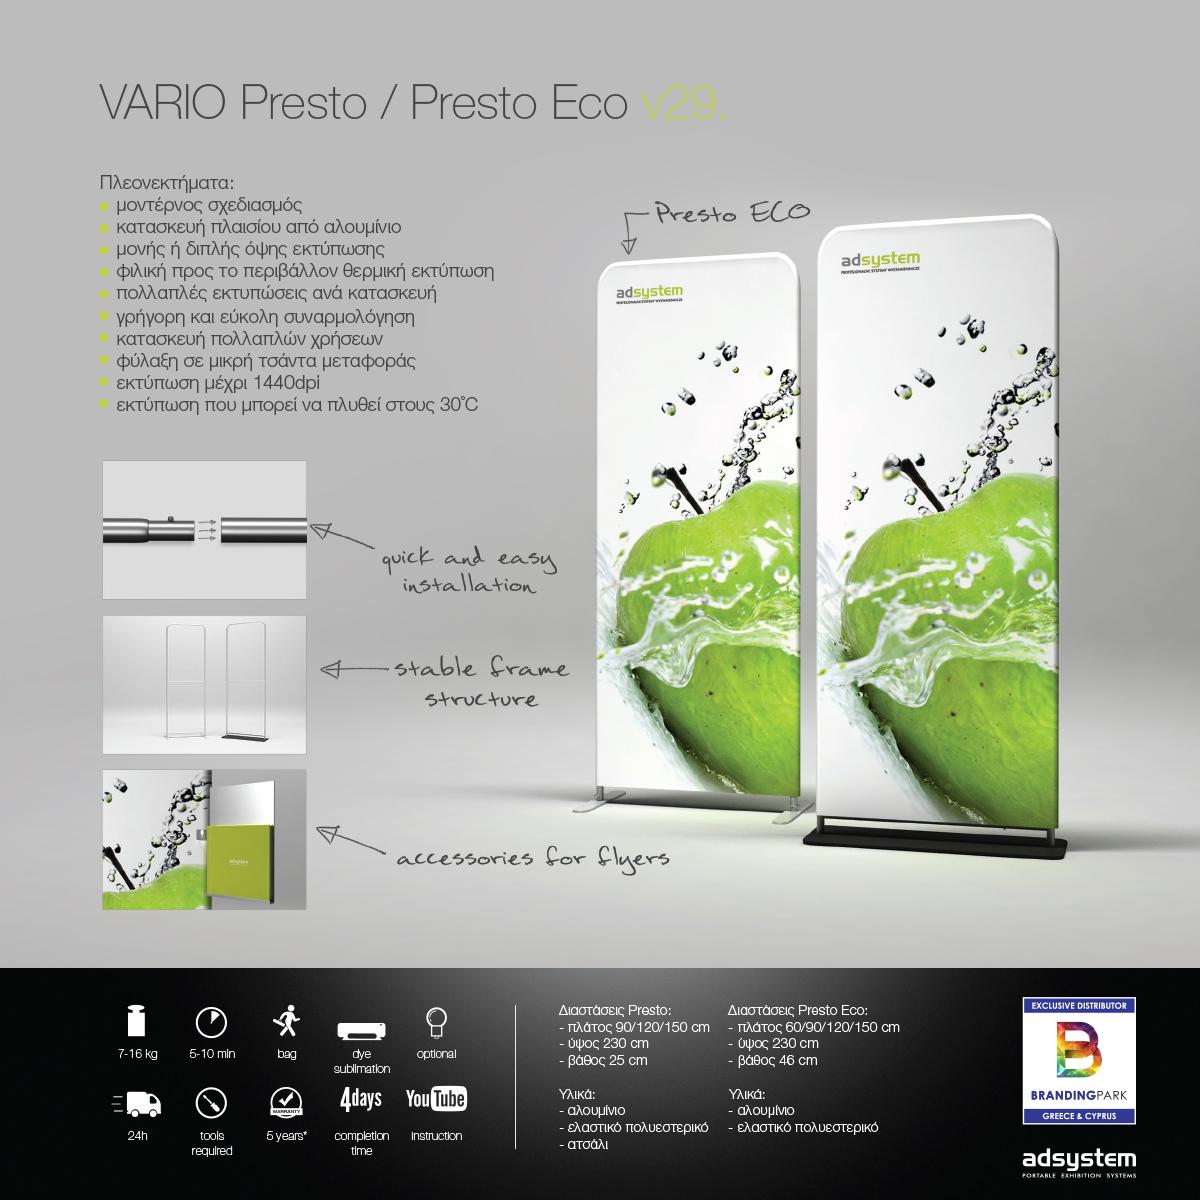 υφασμάτινο backdrop Vario Presto και Presto Eco v29.